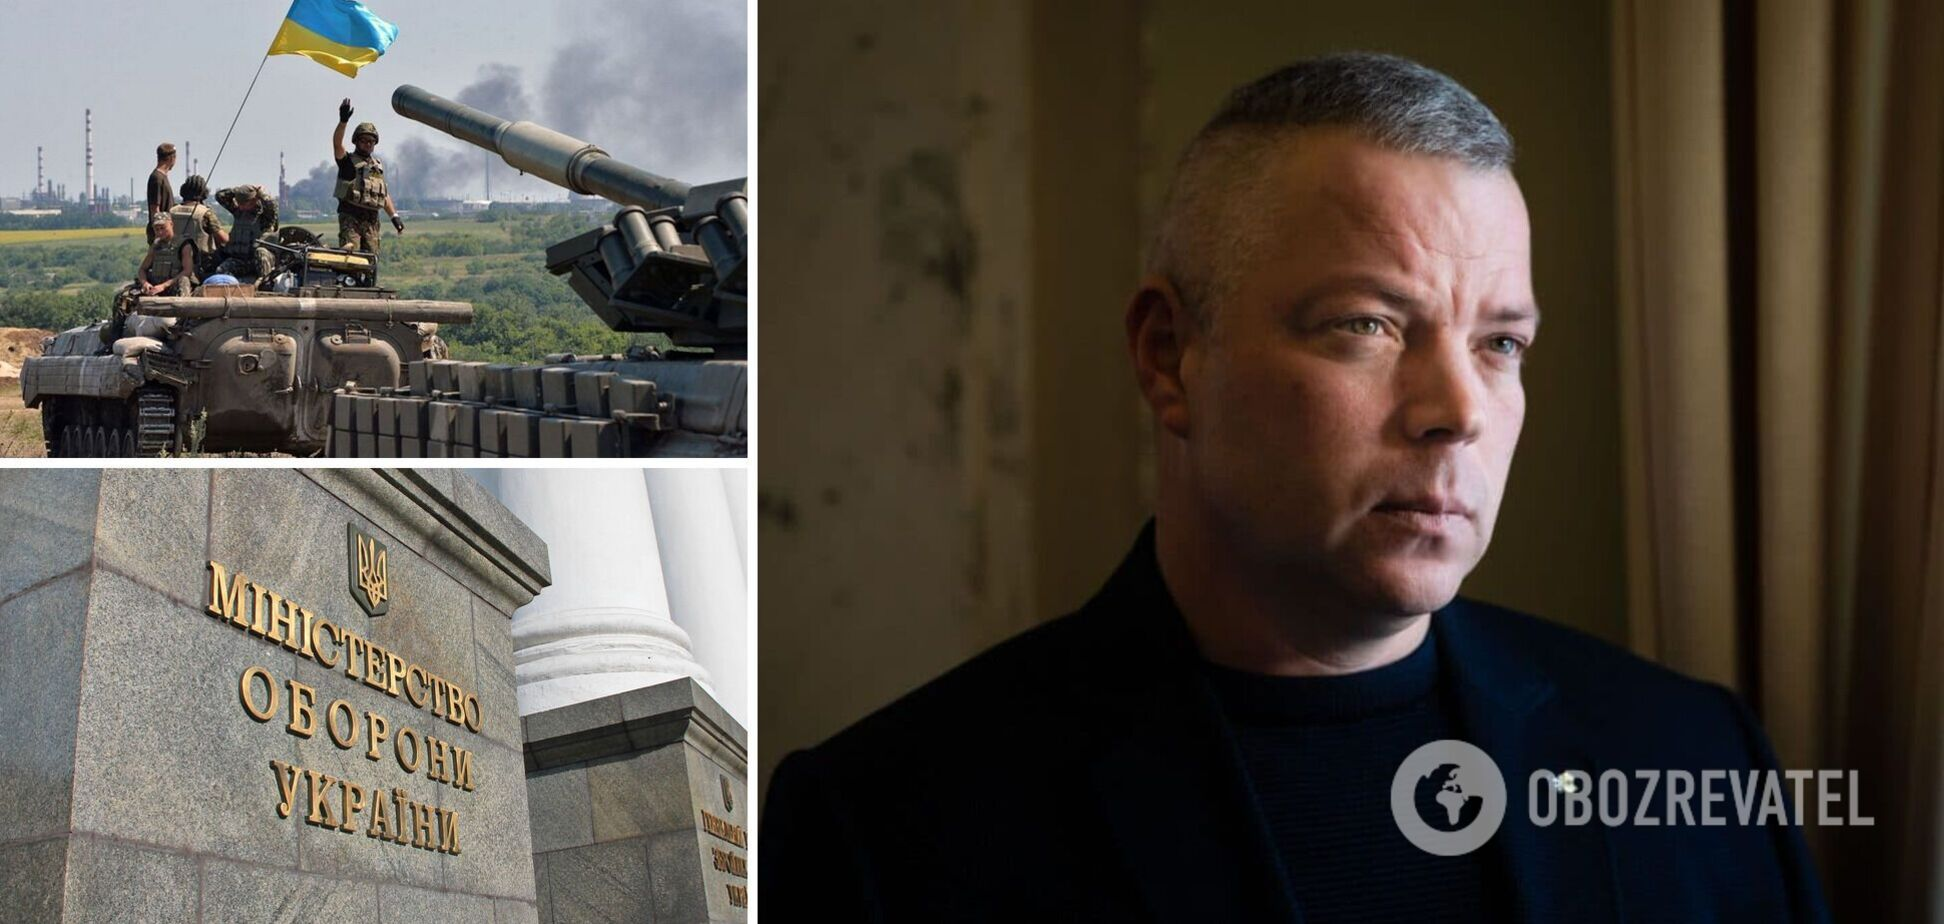 Забродский призвал отменить скандальные решения Минобороны